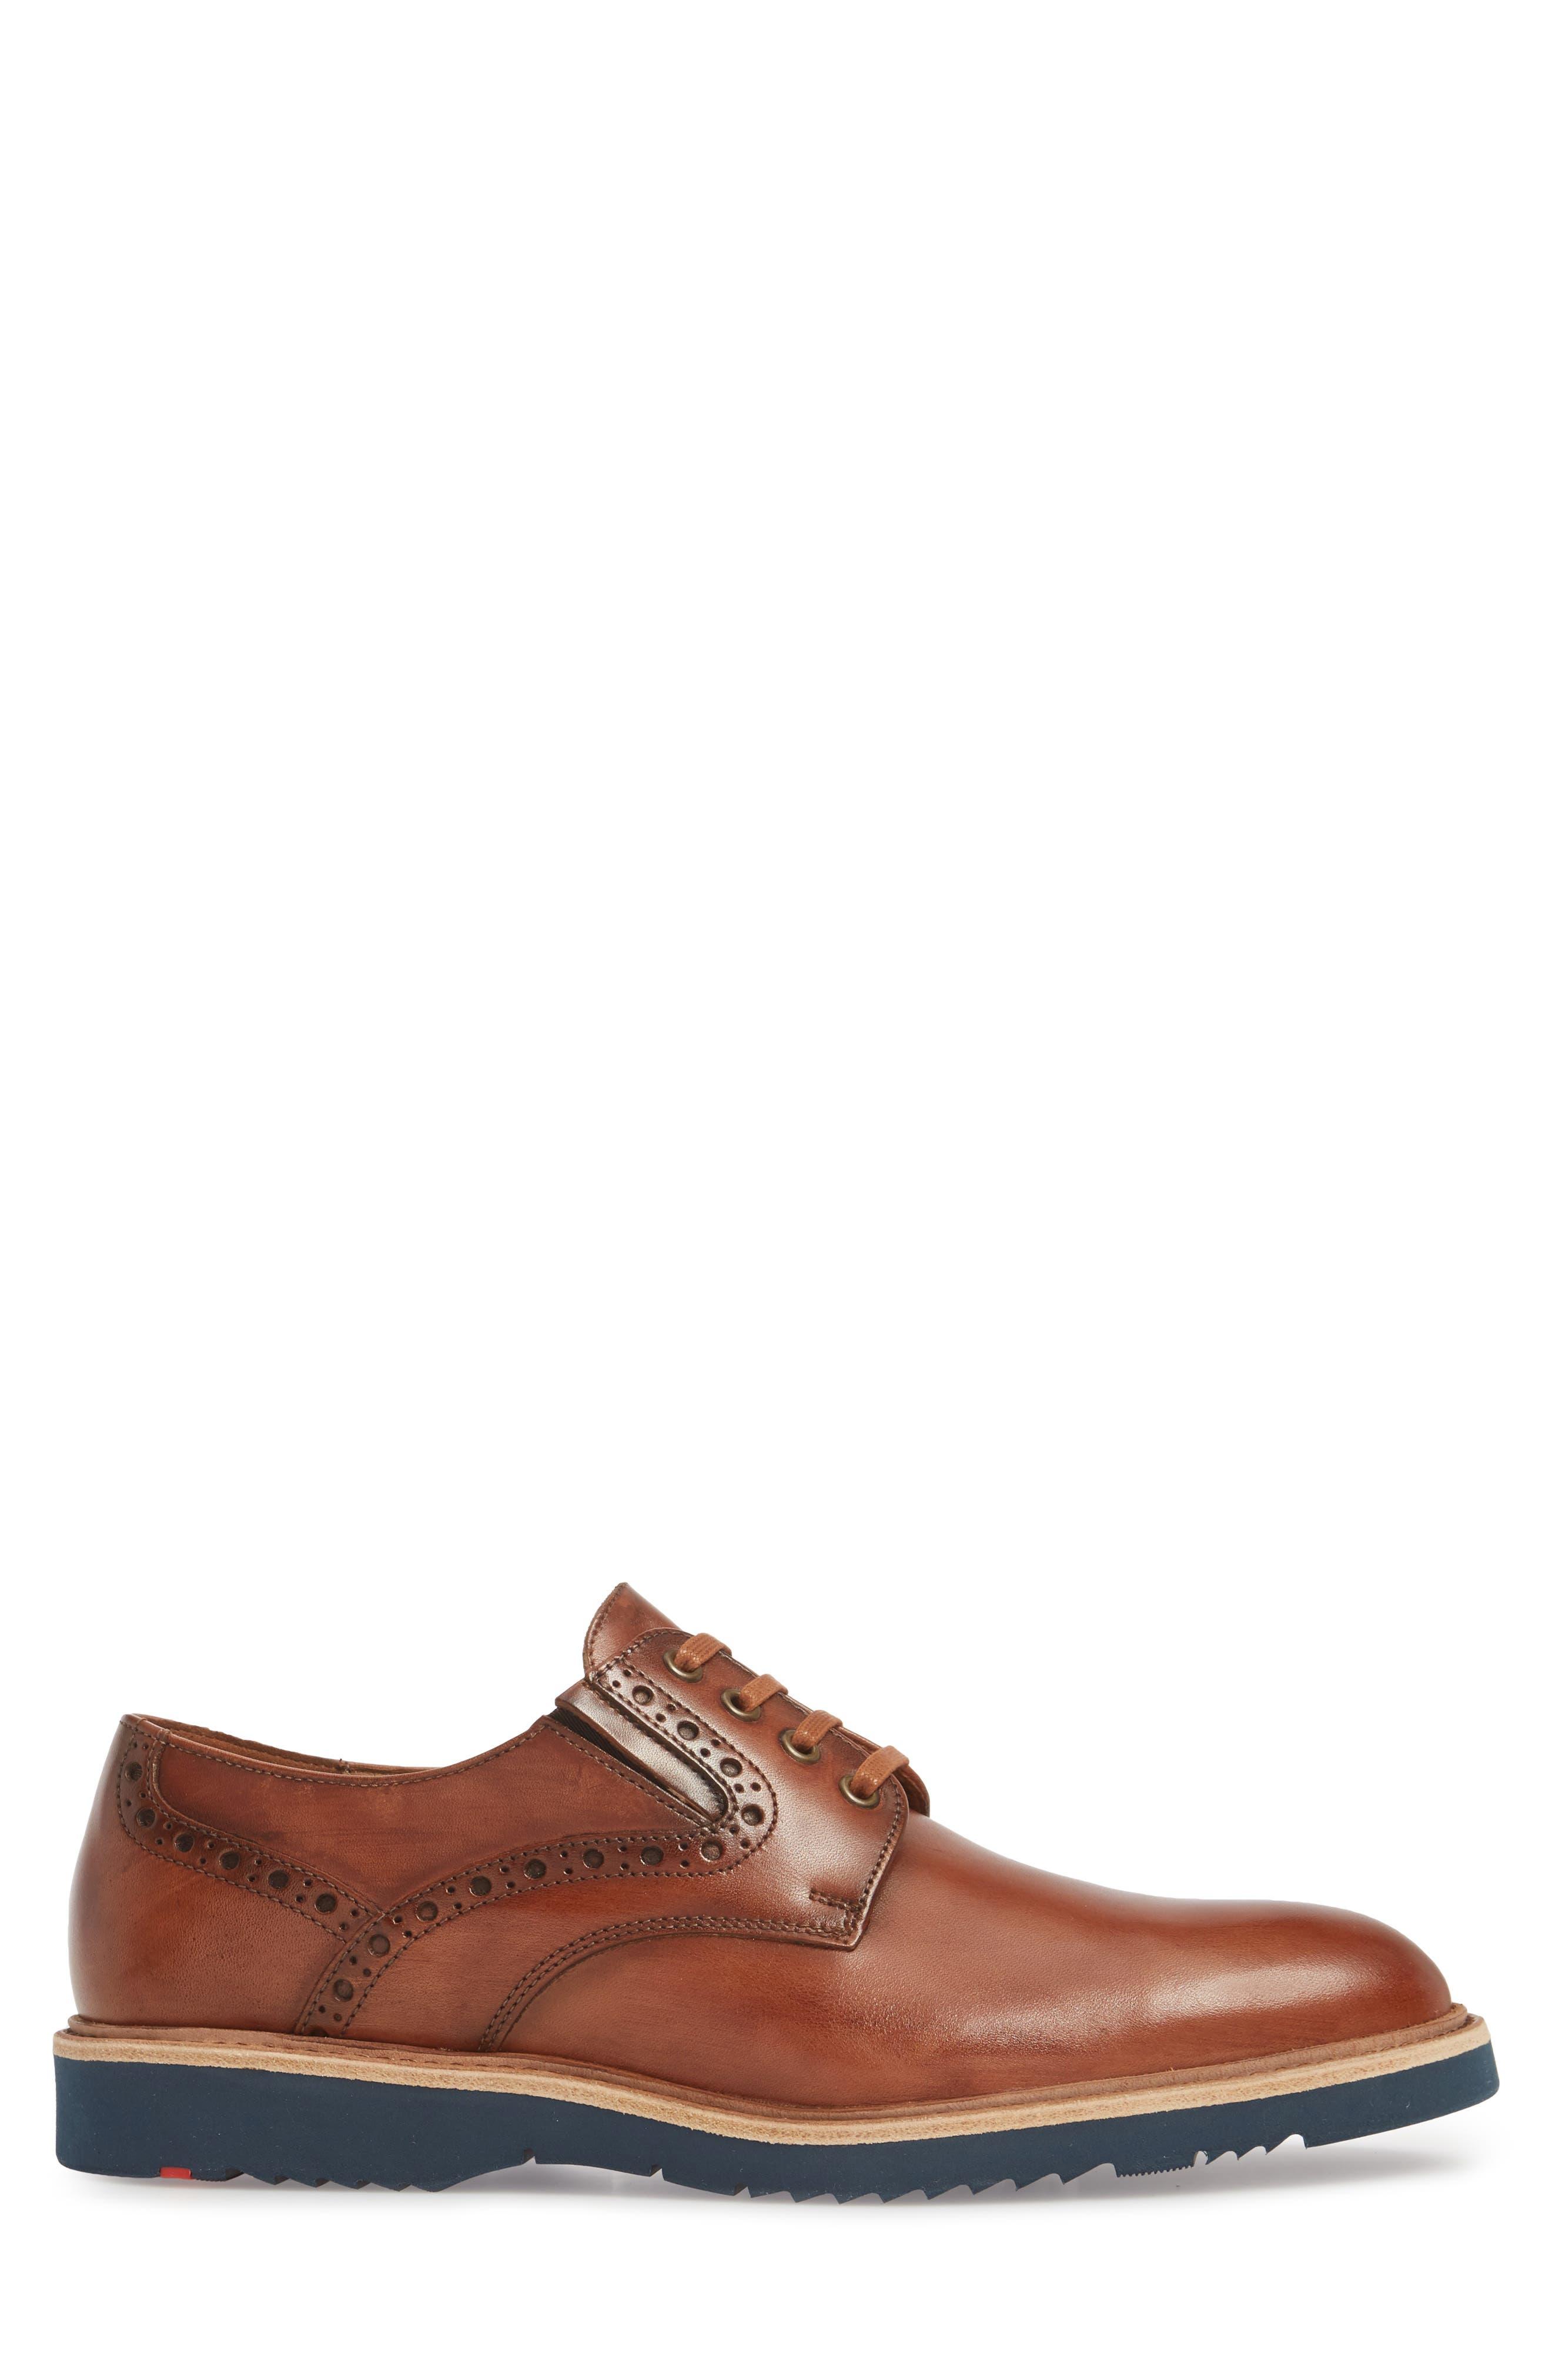 Kandy Plain Toe Derby,                             Alternate thumbnail 3, color,                             Cognac Leather